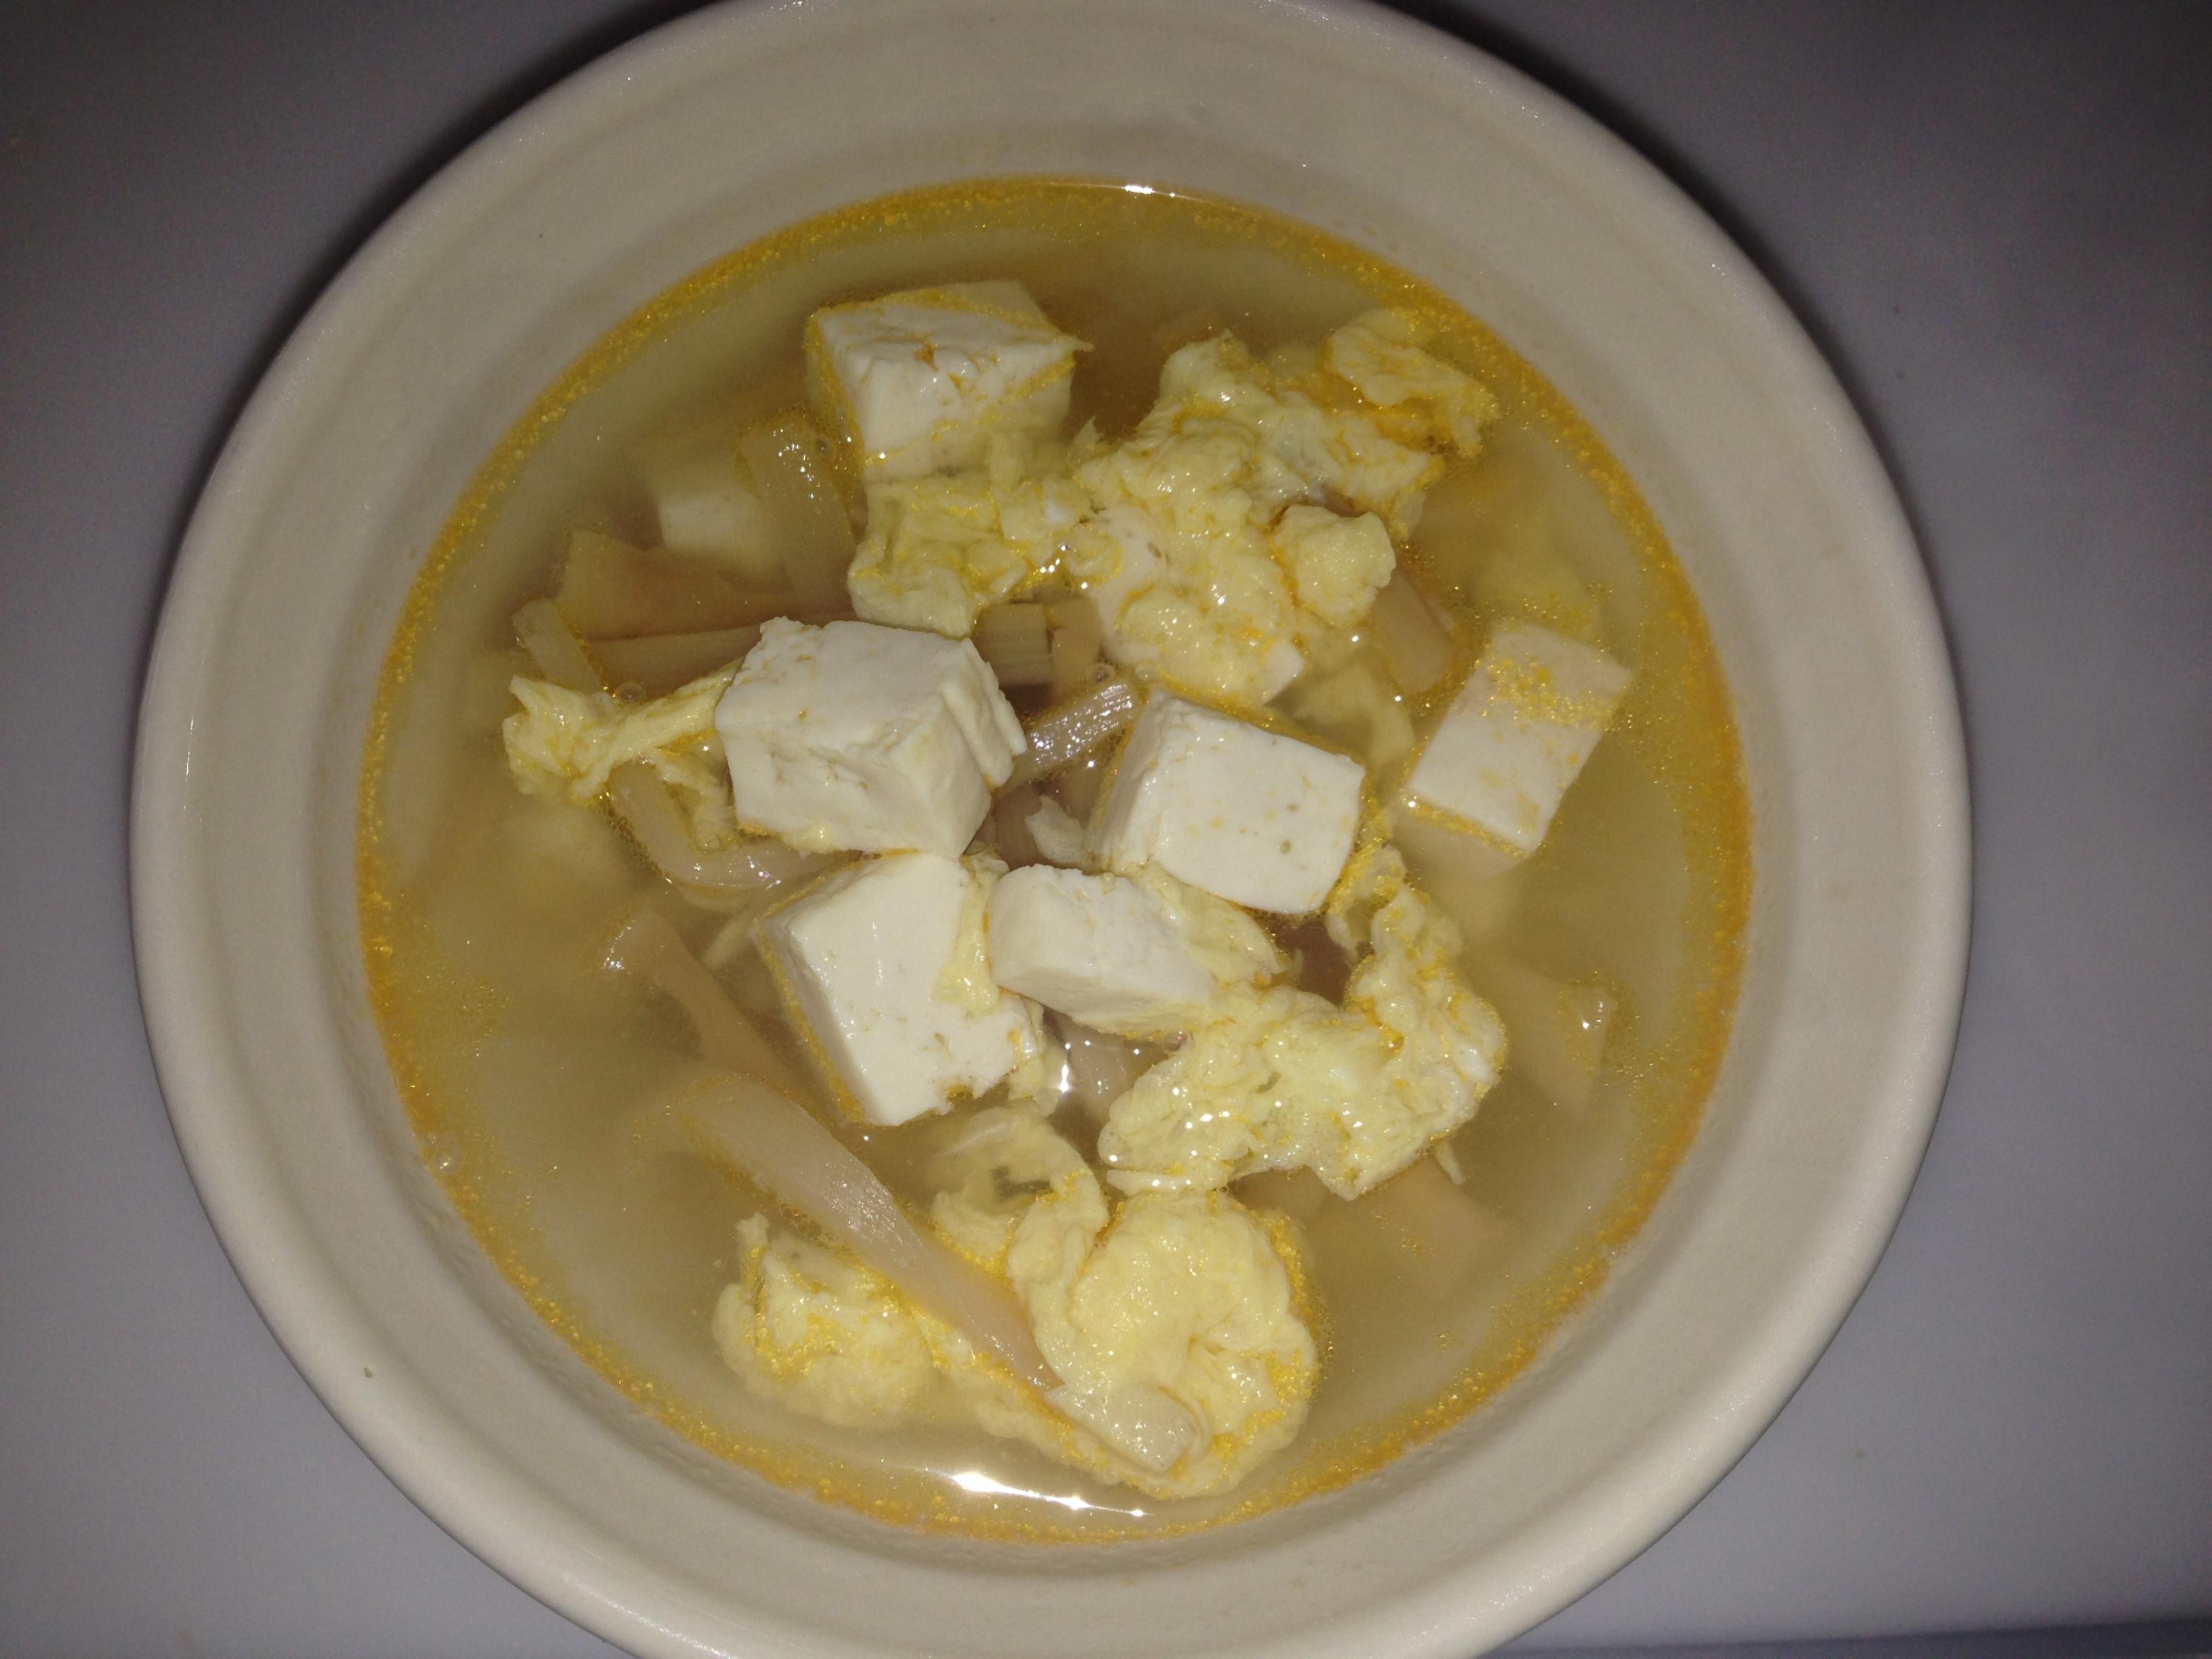 男の簡単料理 19皿目「酸辣湯風スープ」